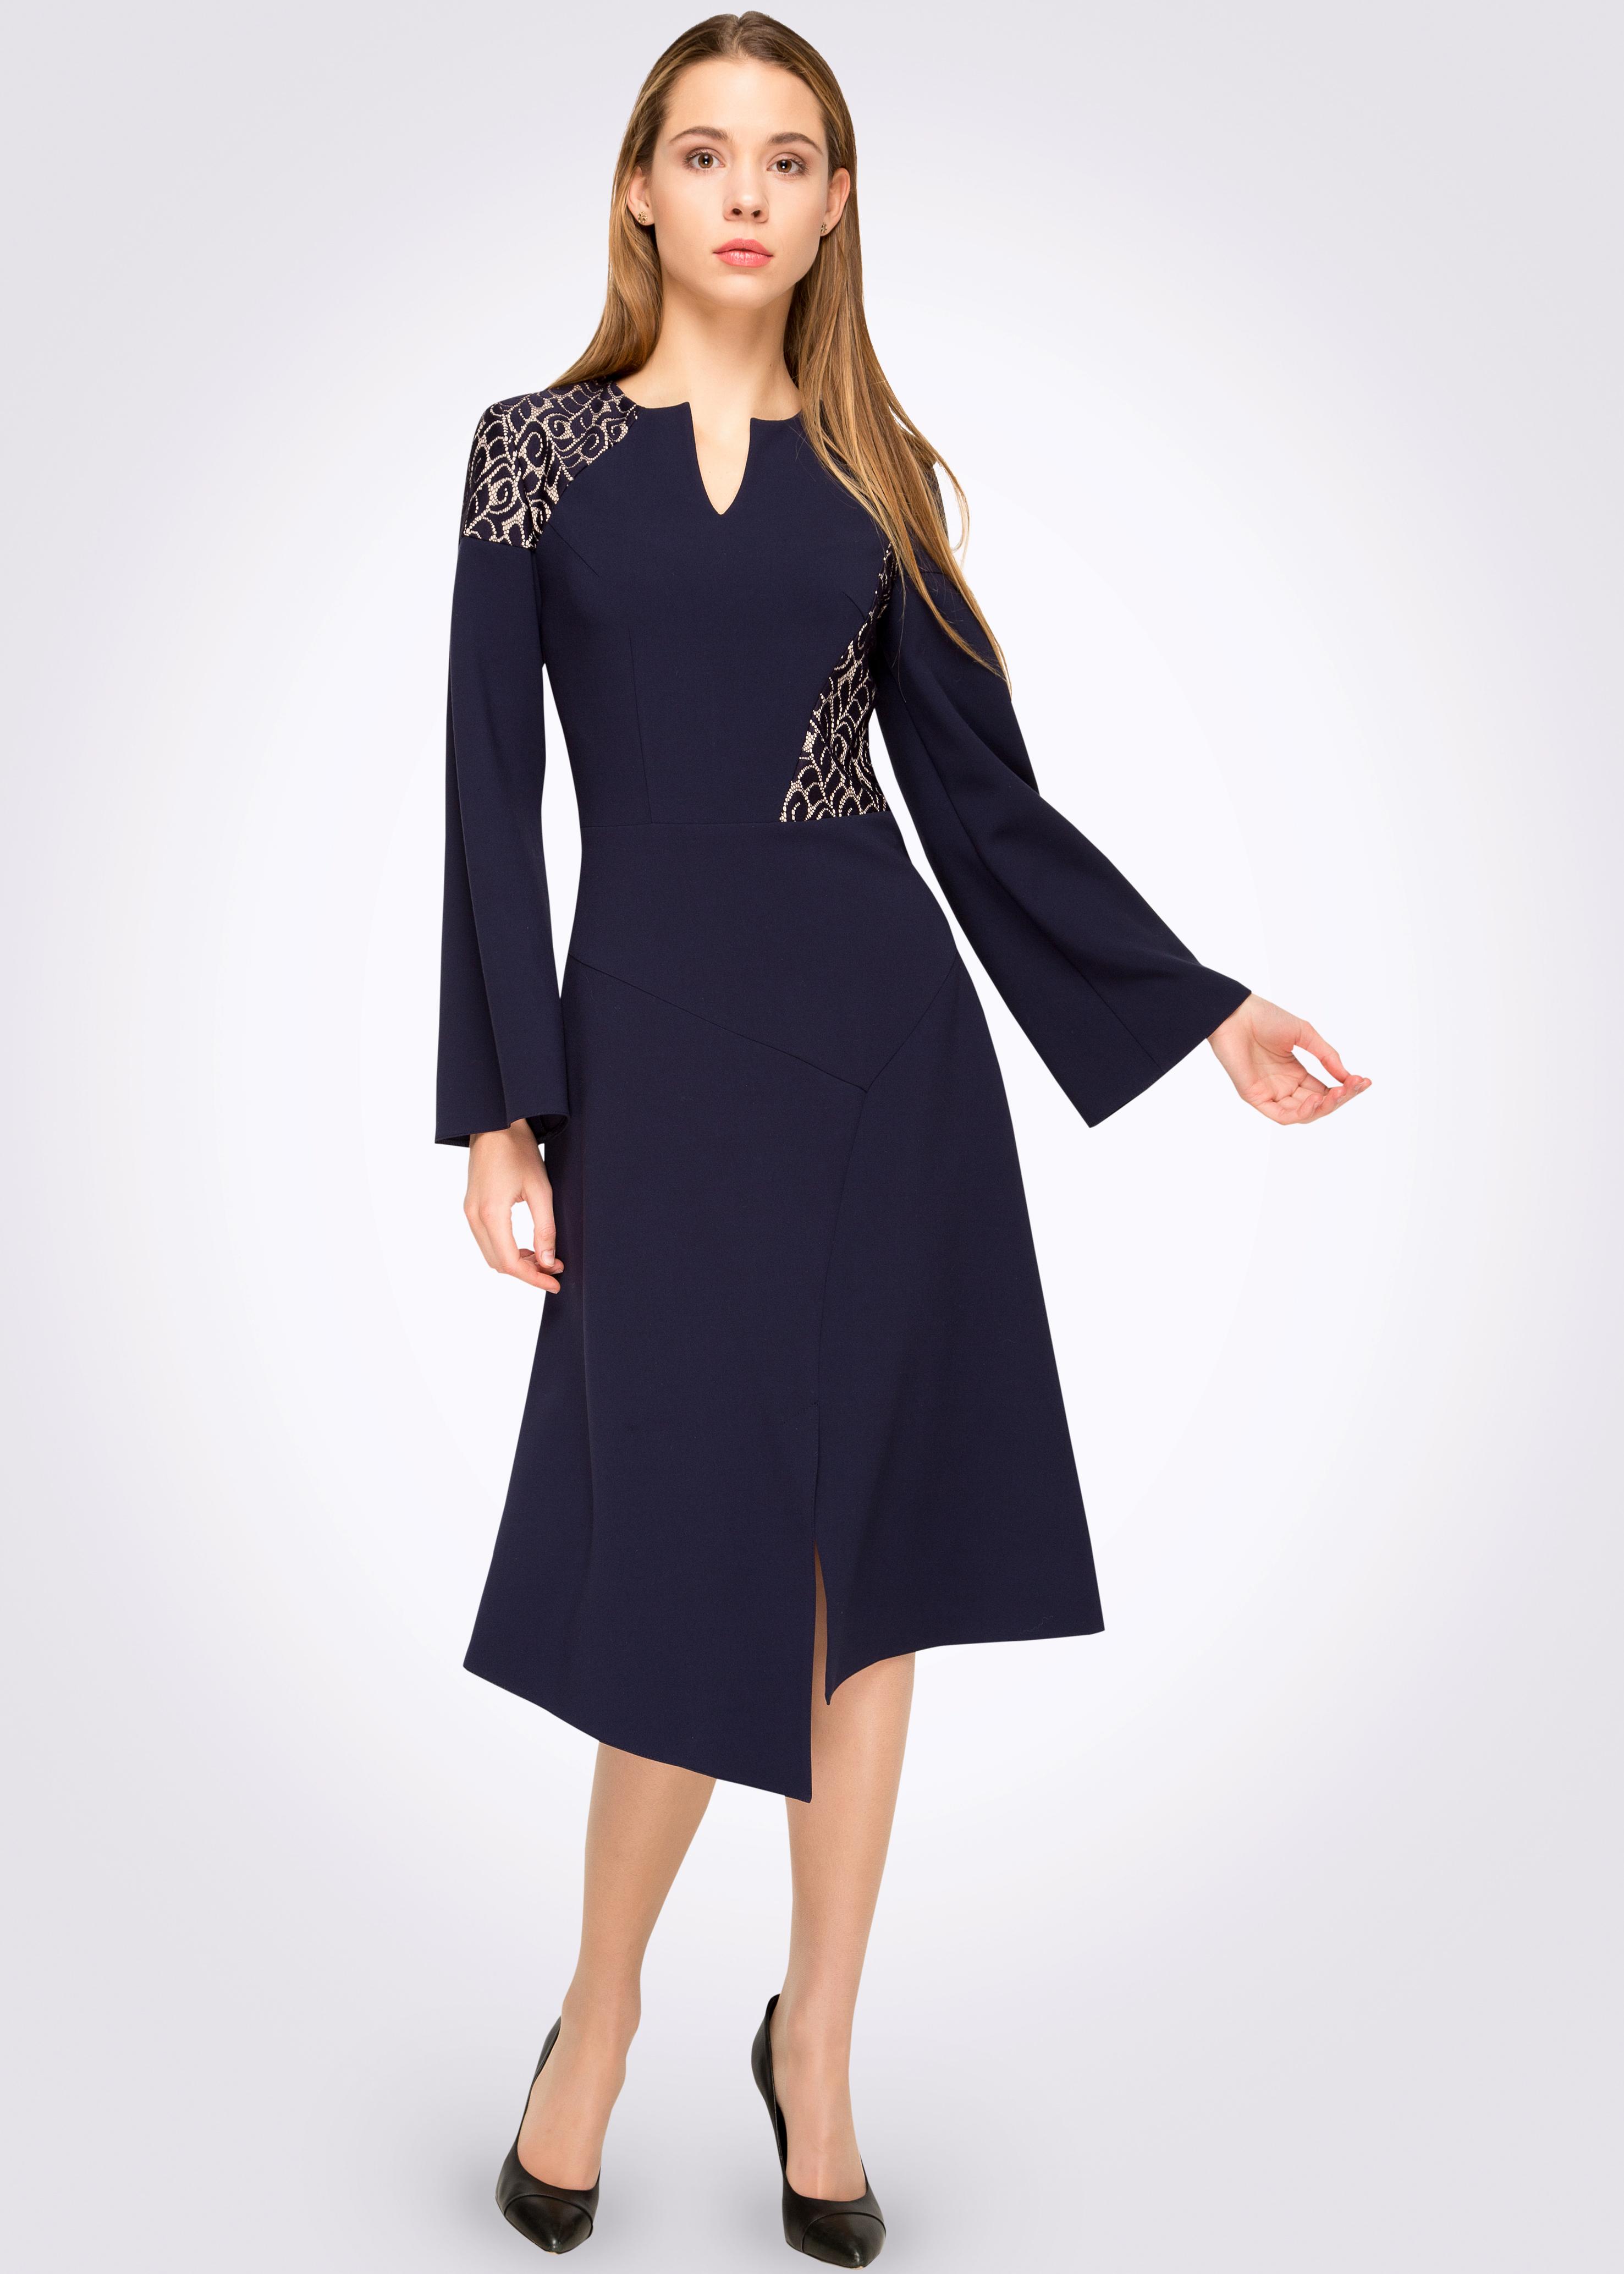 Сучасні вечірні сукні представлені у всіляких колірних рішеннях. Головне -  правильно підібрати колір b028d8a322006